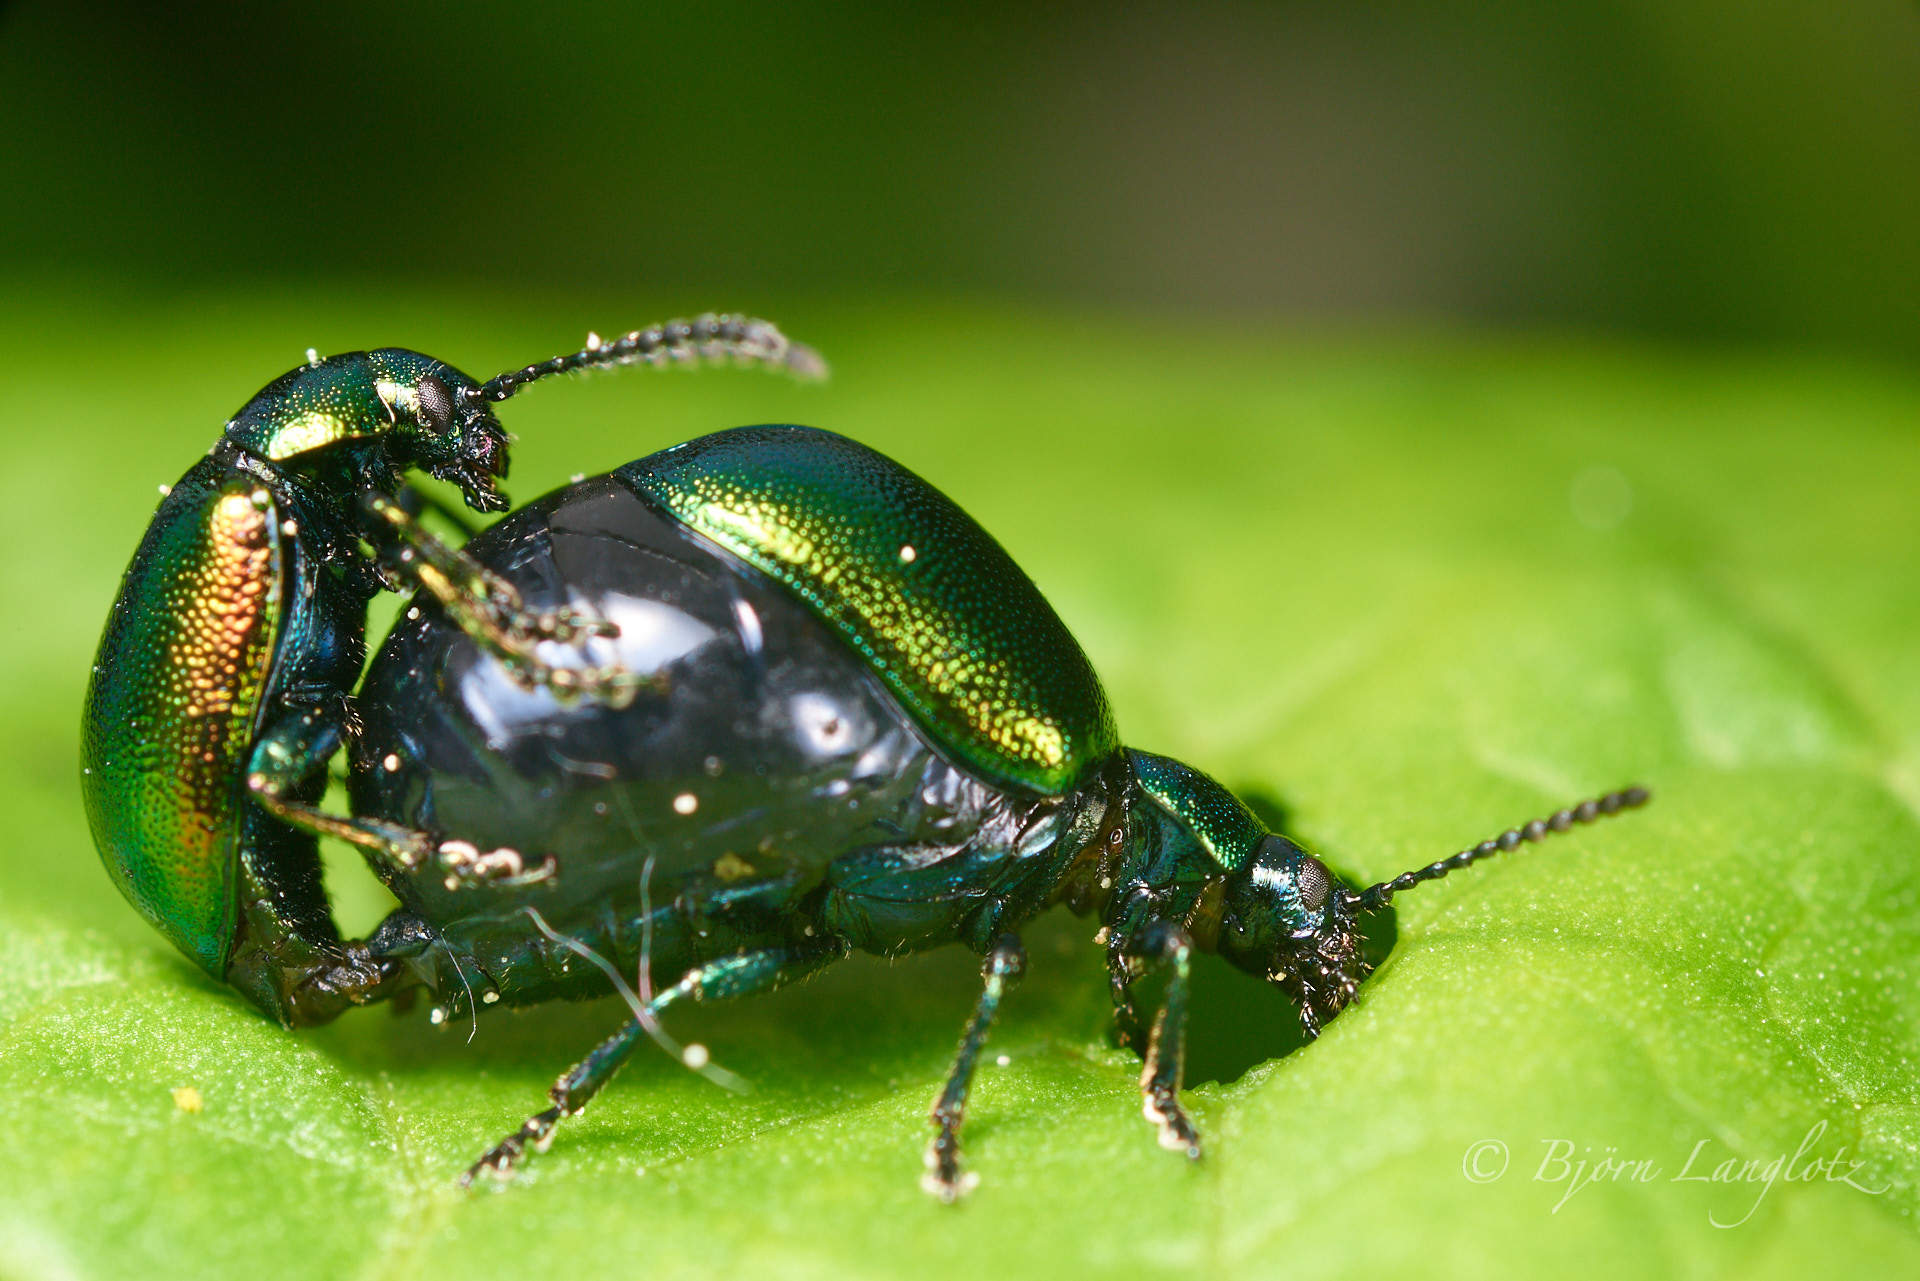 Das Weibchen des Grünen Sauerampferkäfers (Gastrophysa viridula) hat während der Paarungszeit einen von Eiern aufgedunsenen Hinterleib.Kamera: NIKON D810 Zeiss Luminar II 63 mm1/200 s bei Blende f/4.5